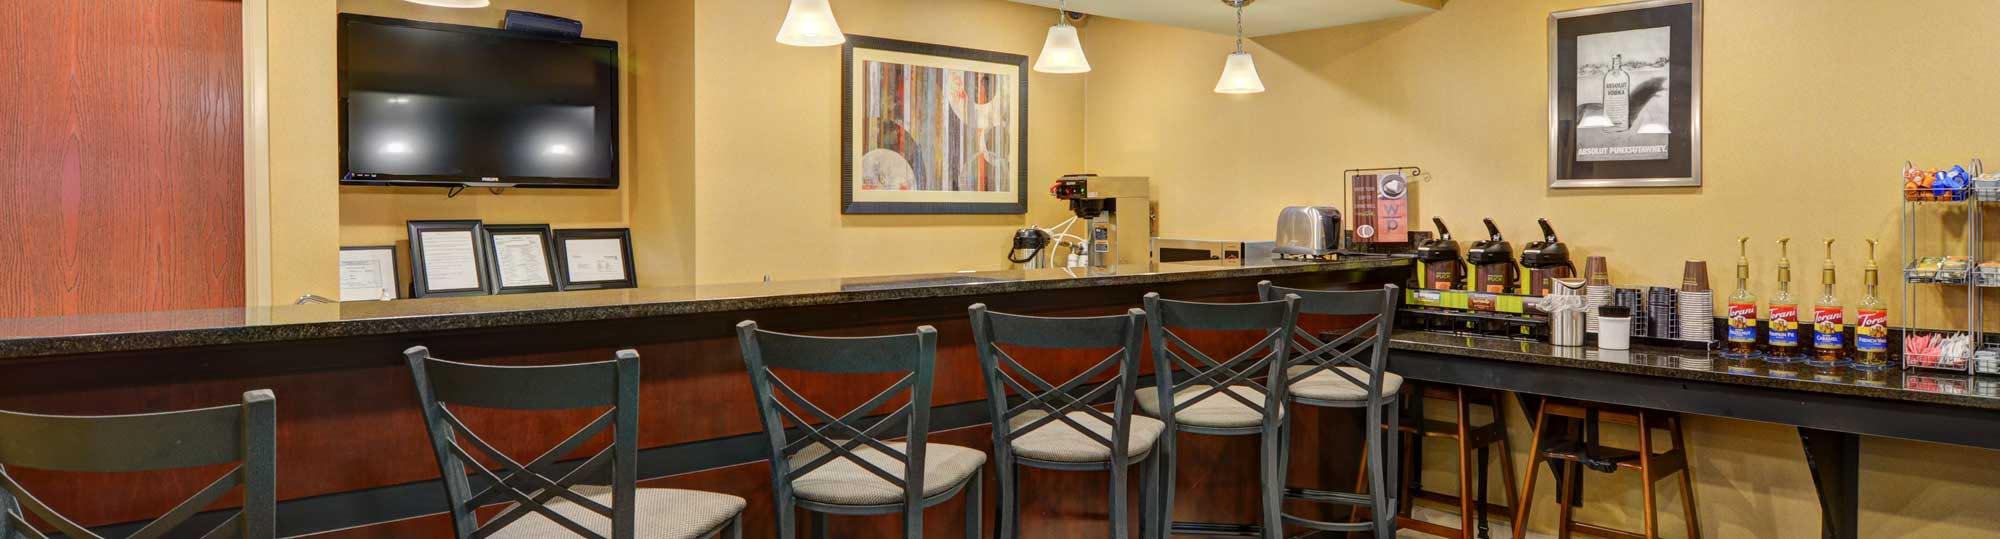 Cobblestone Hotel and Suites Punxsutawney